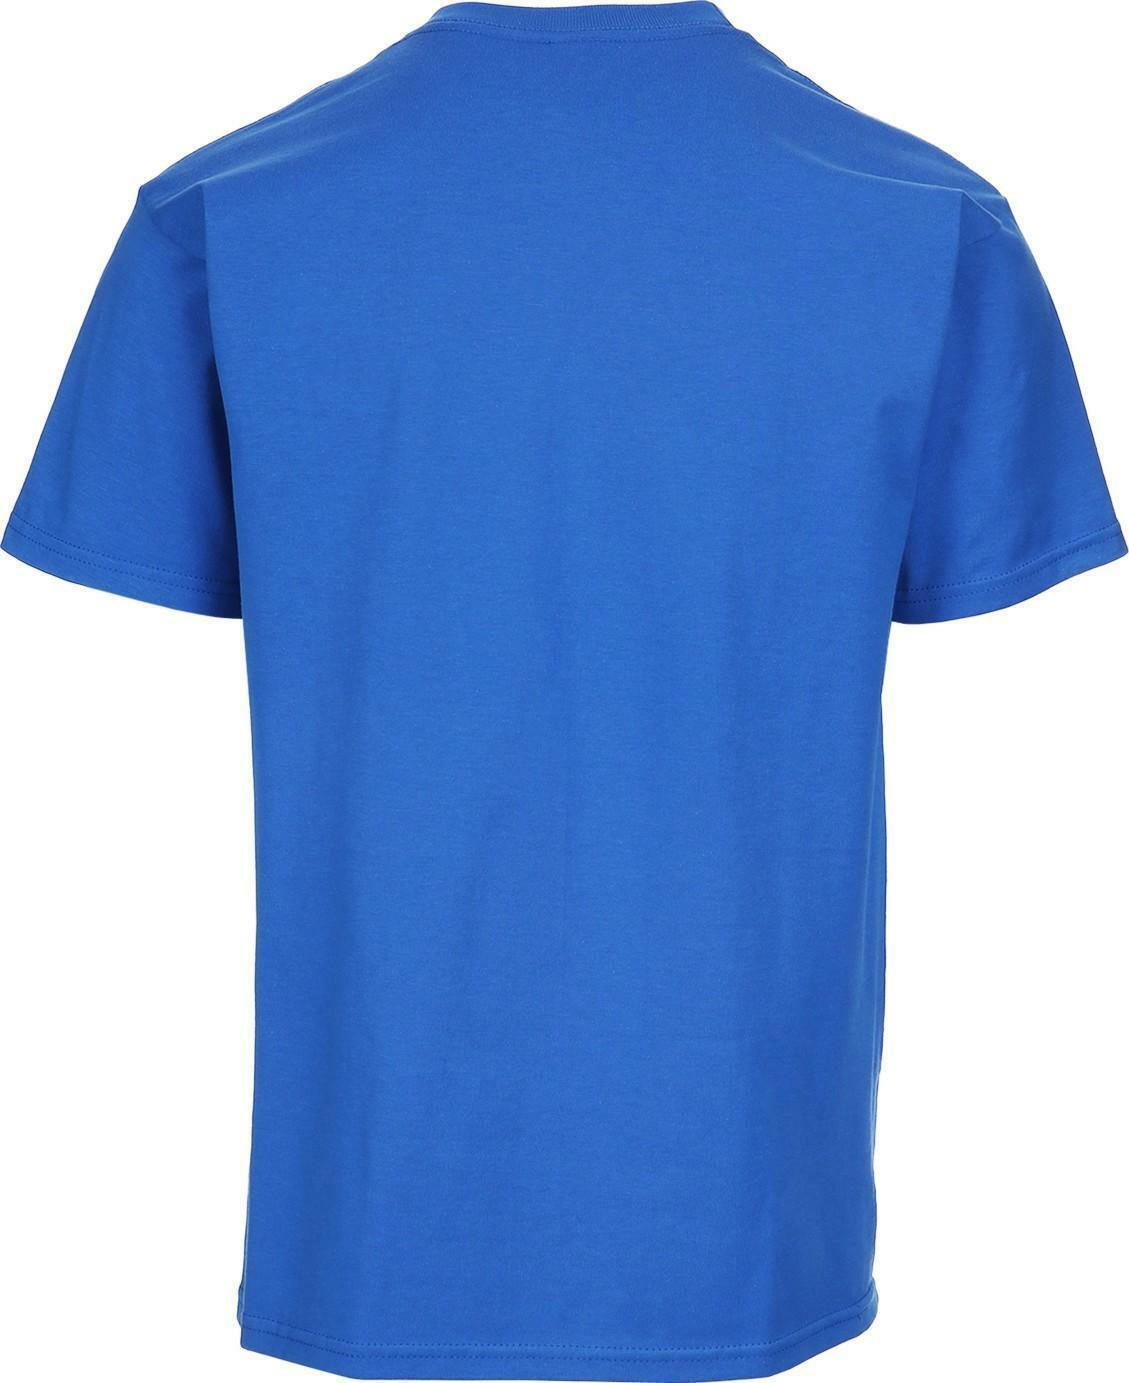 obey obey we go again t-shirt uomo blu 221180181